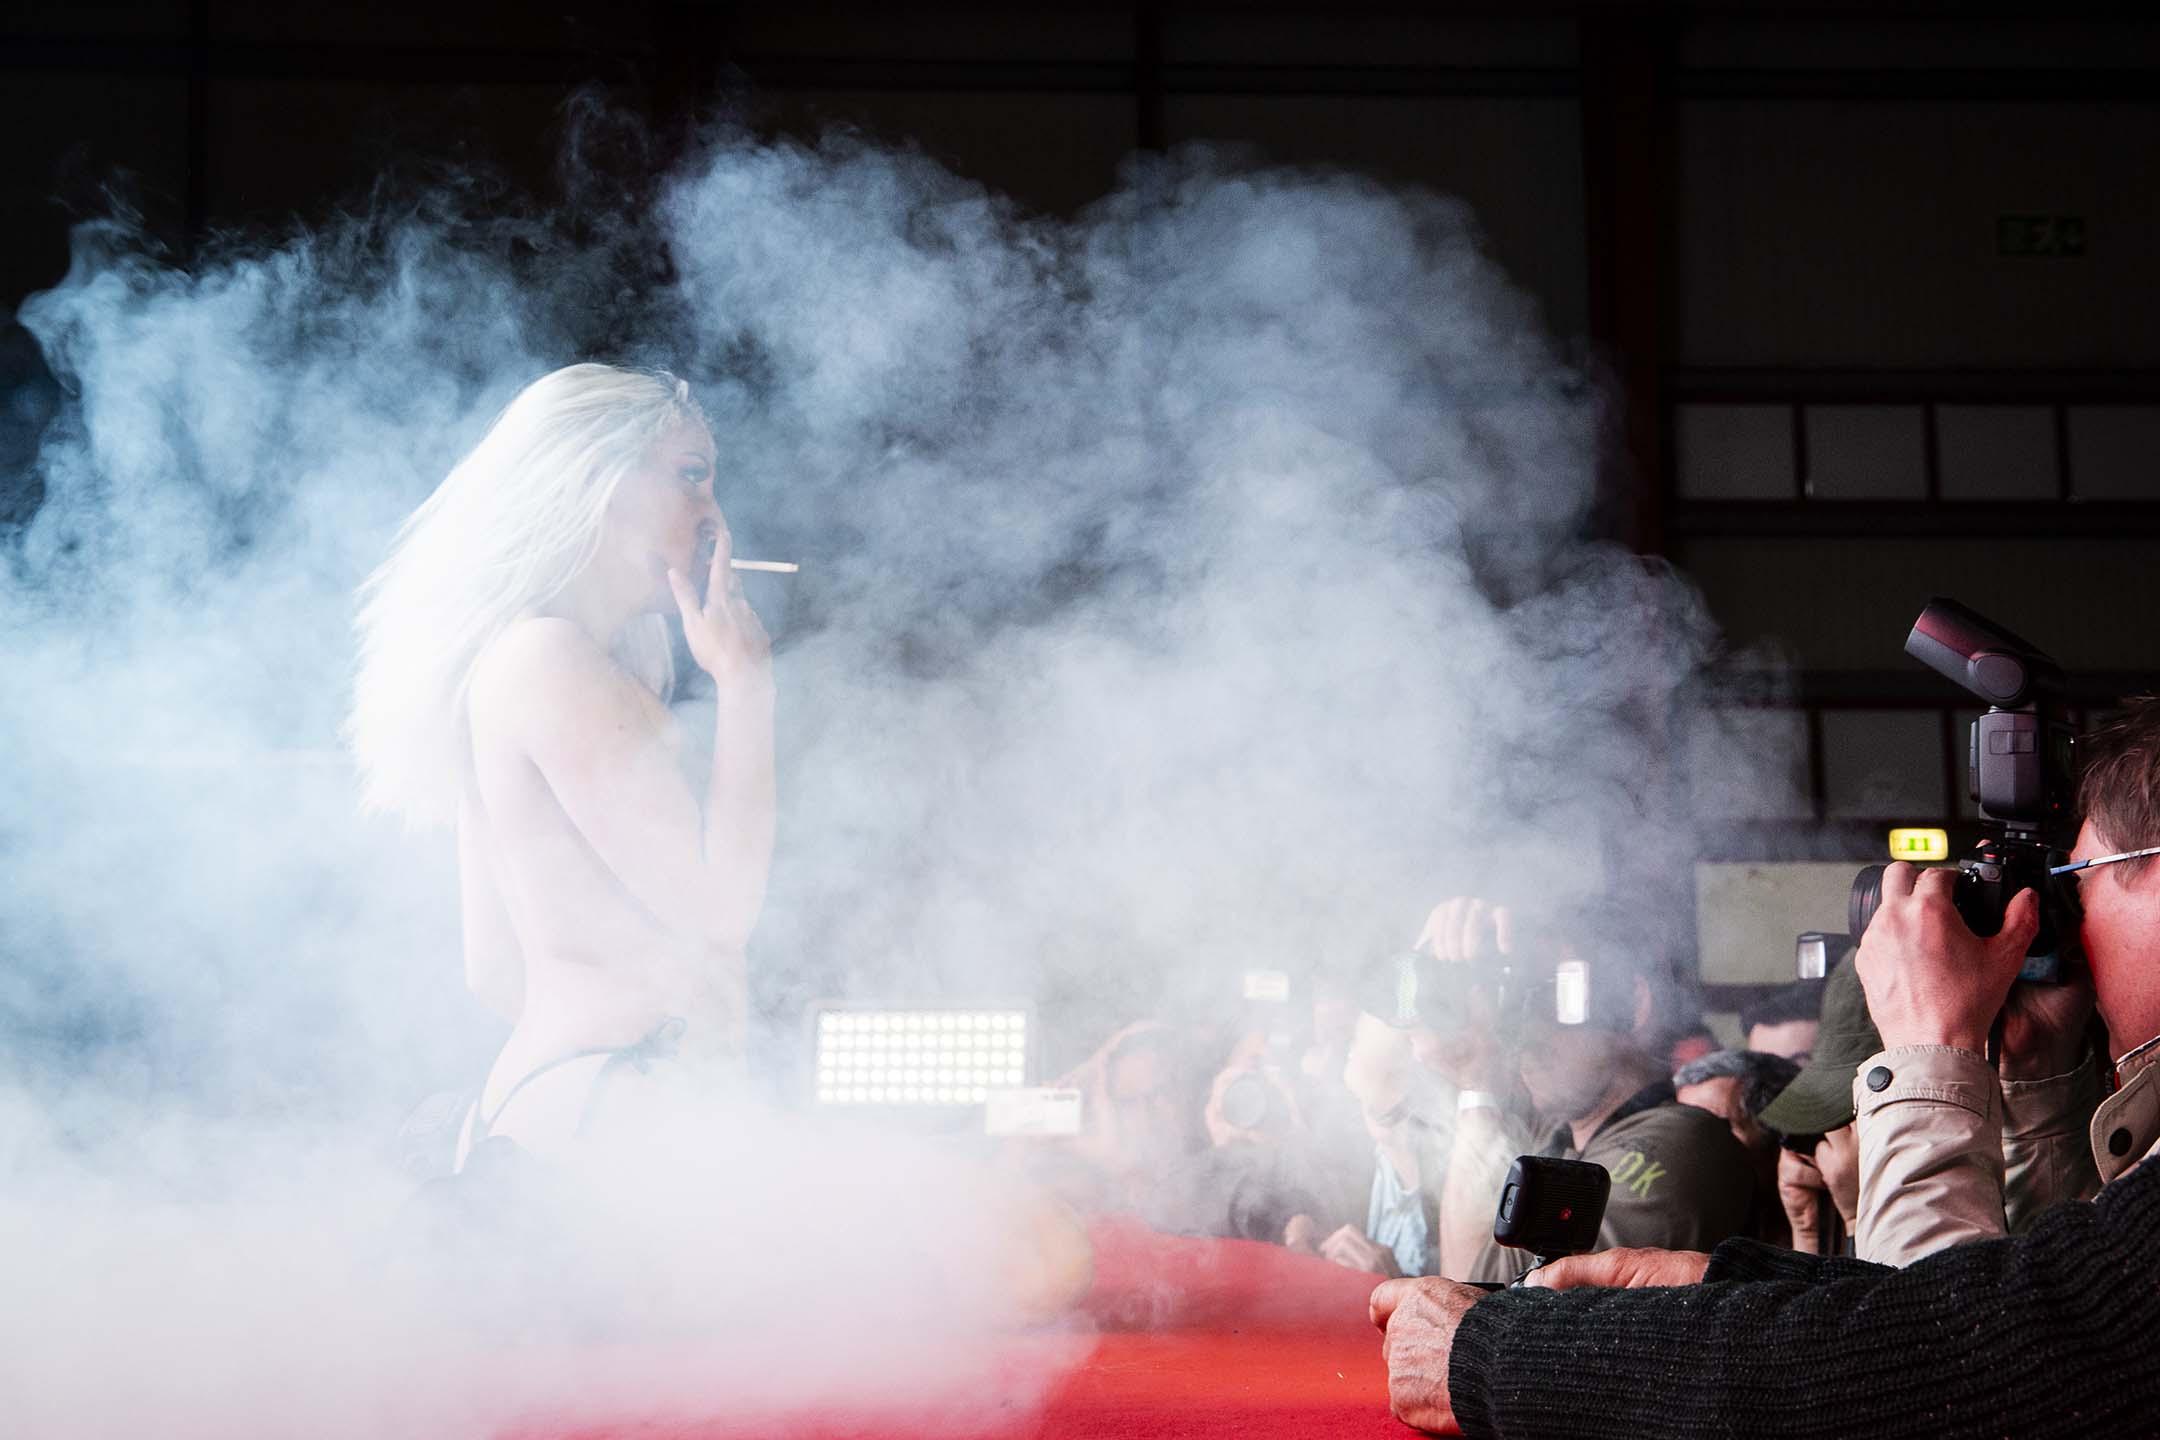 2020年3月7日葡萄牙波爾圖,一場脱衣舞表演。